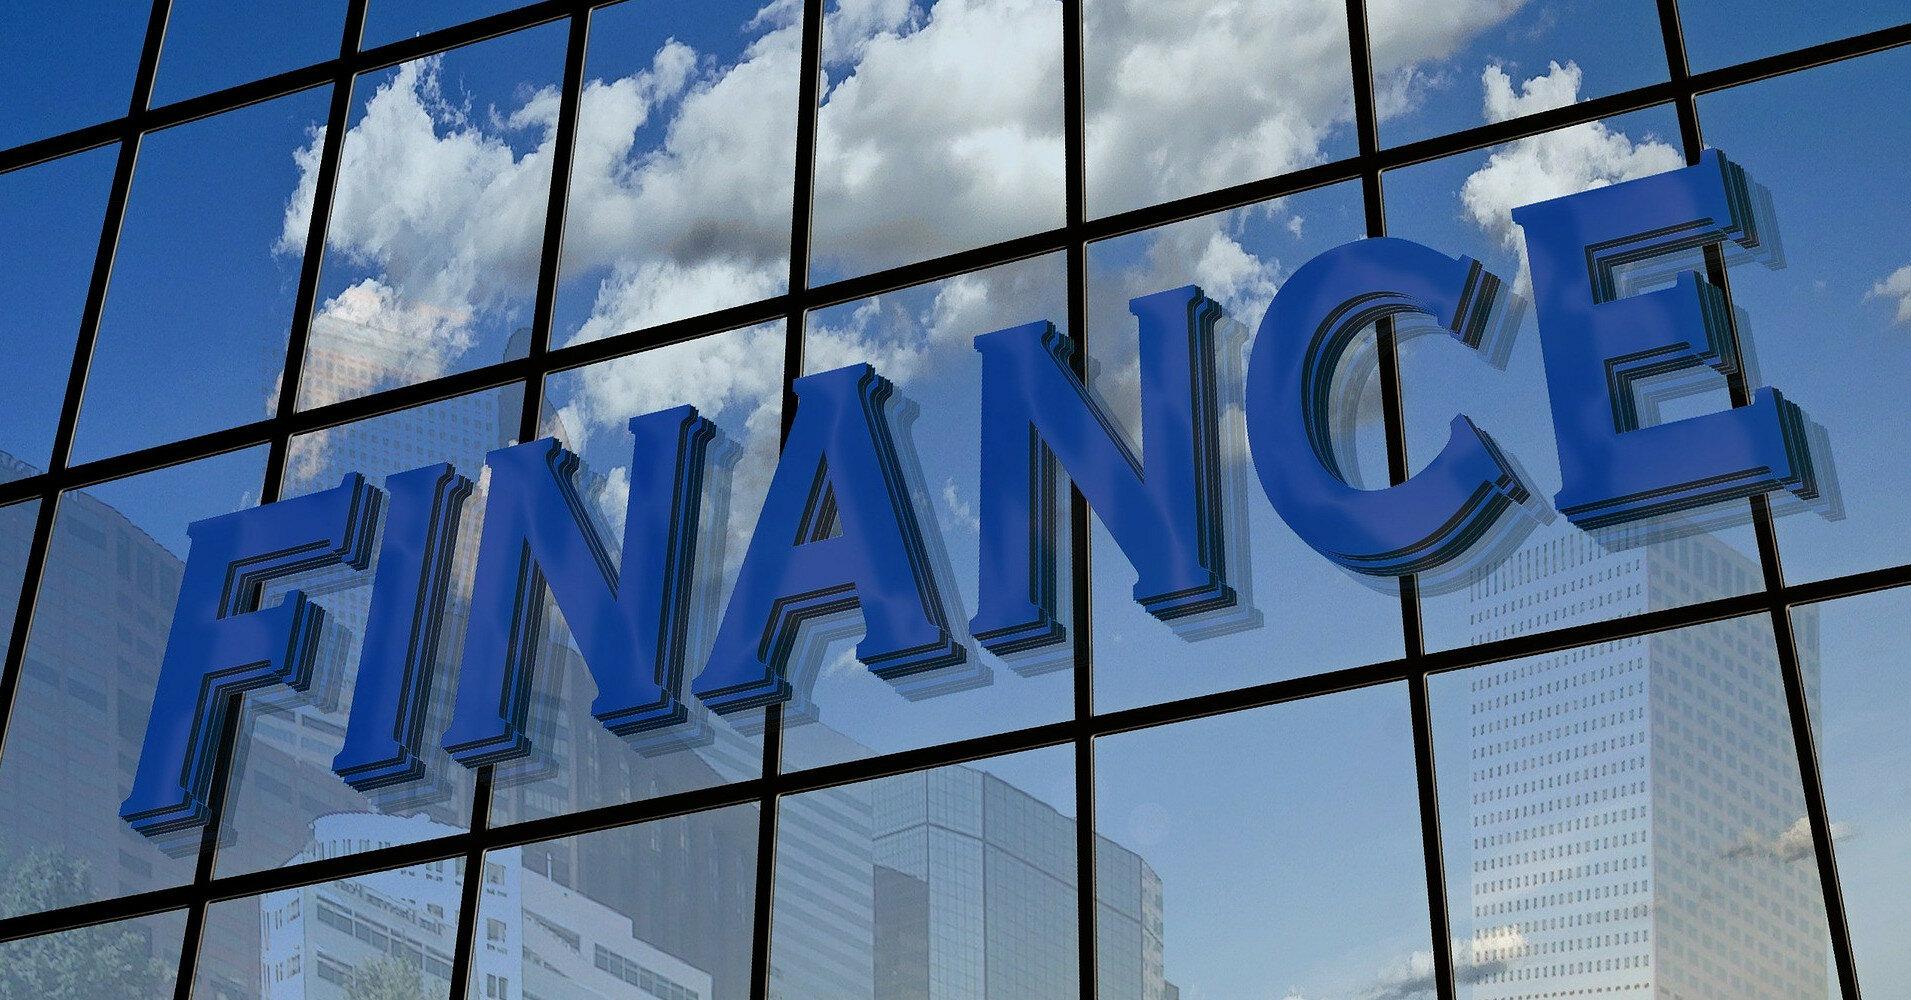 Ведущие инвестбанки мира увеличили выручку до максимума за 6 лет